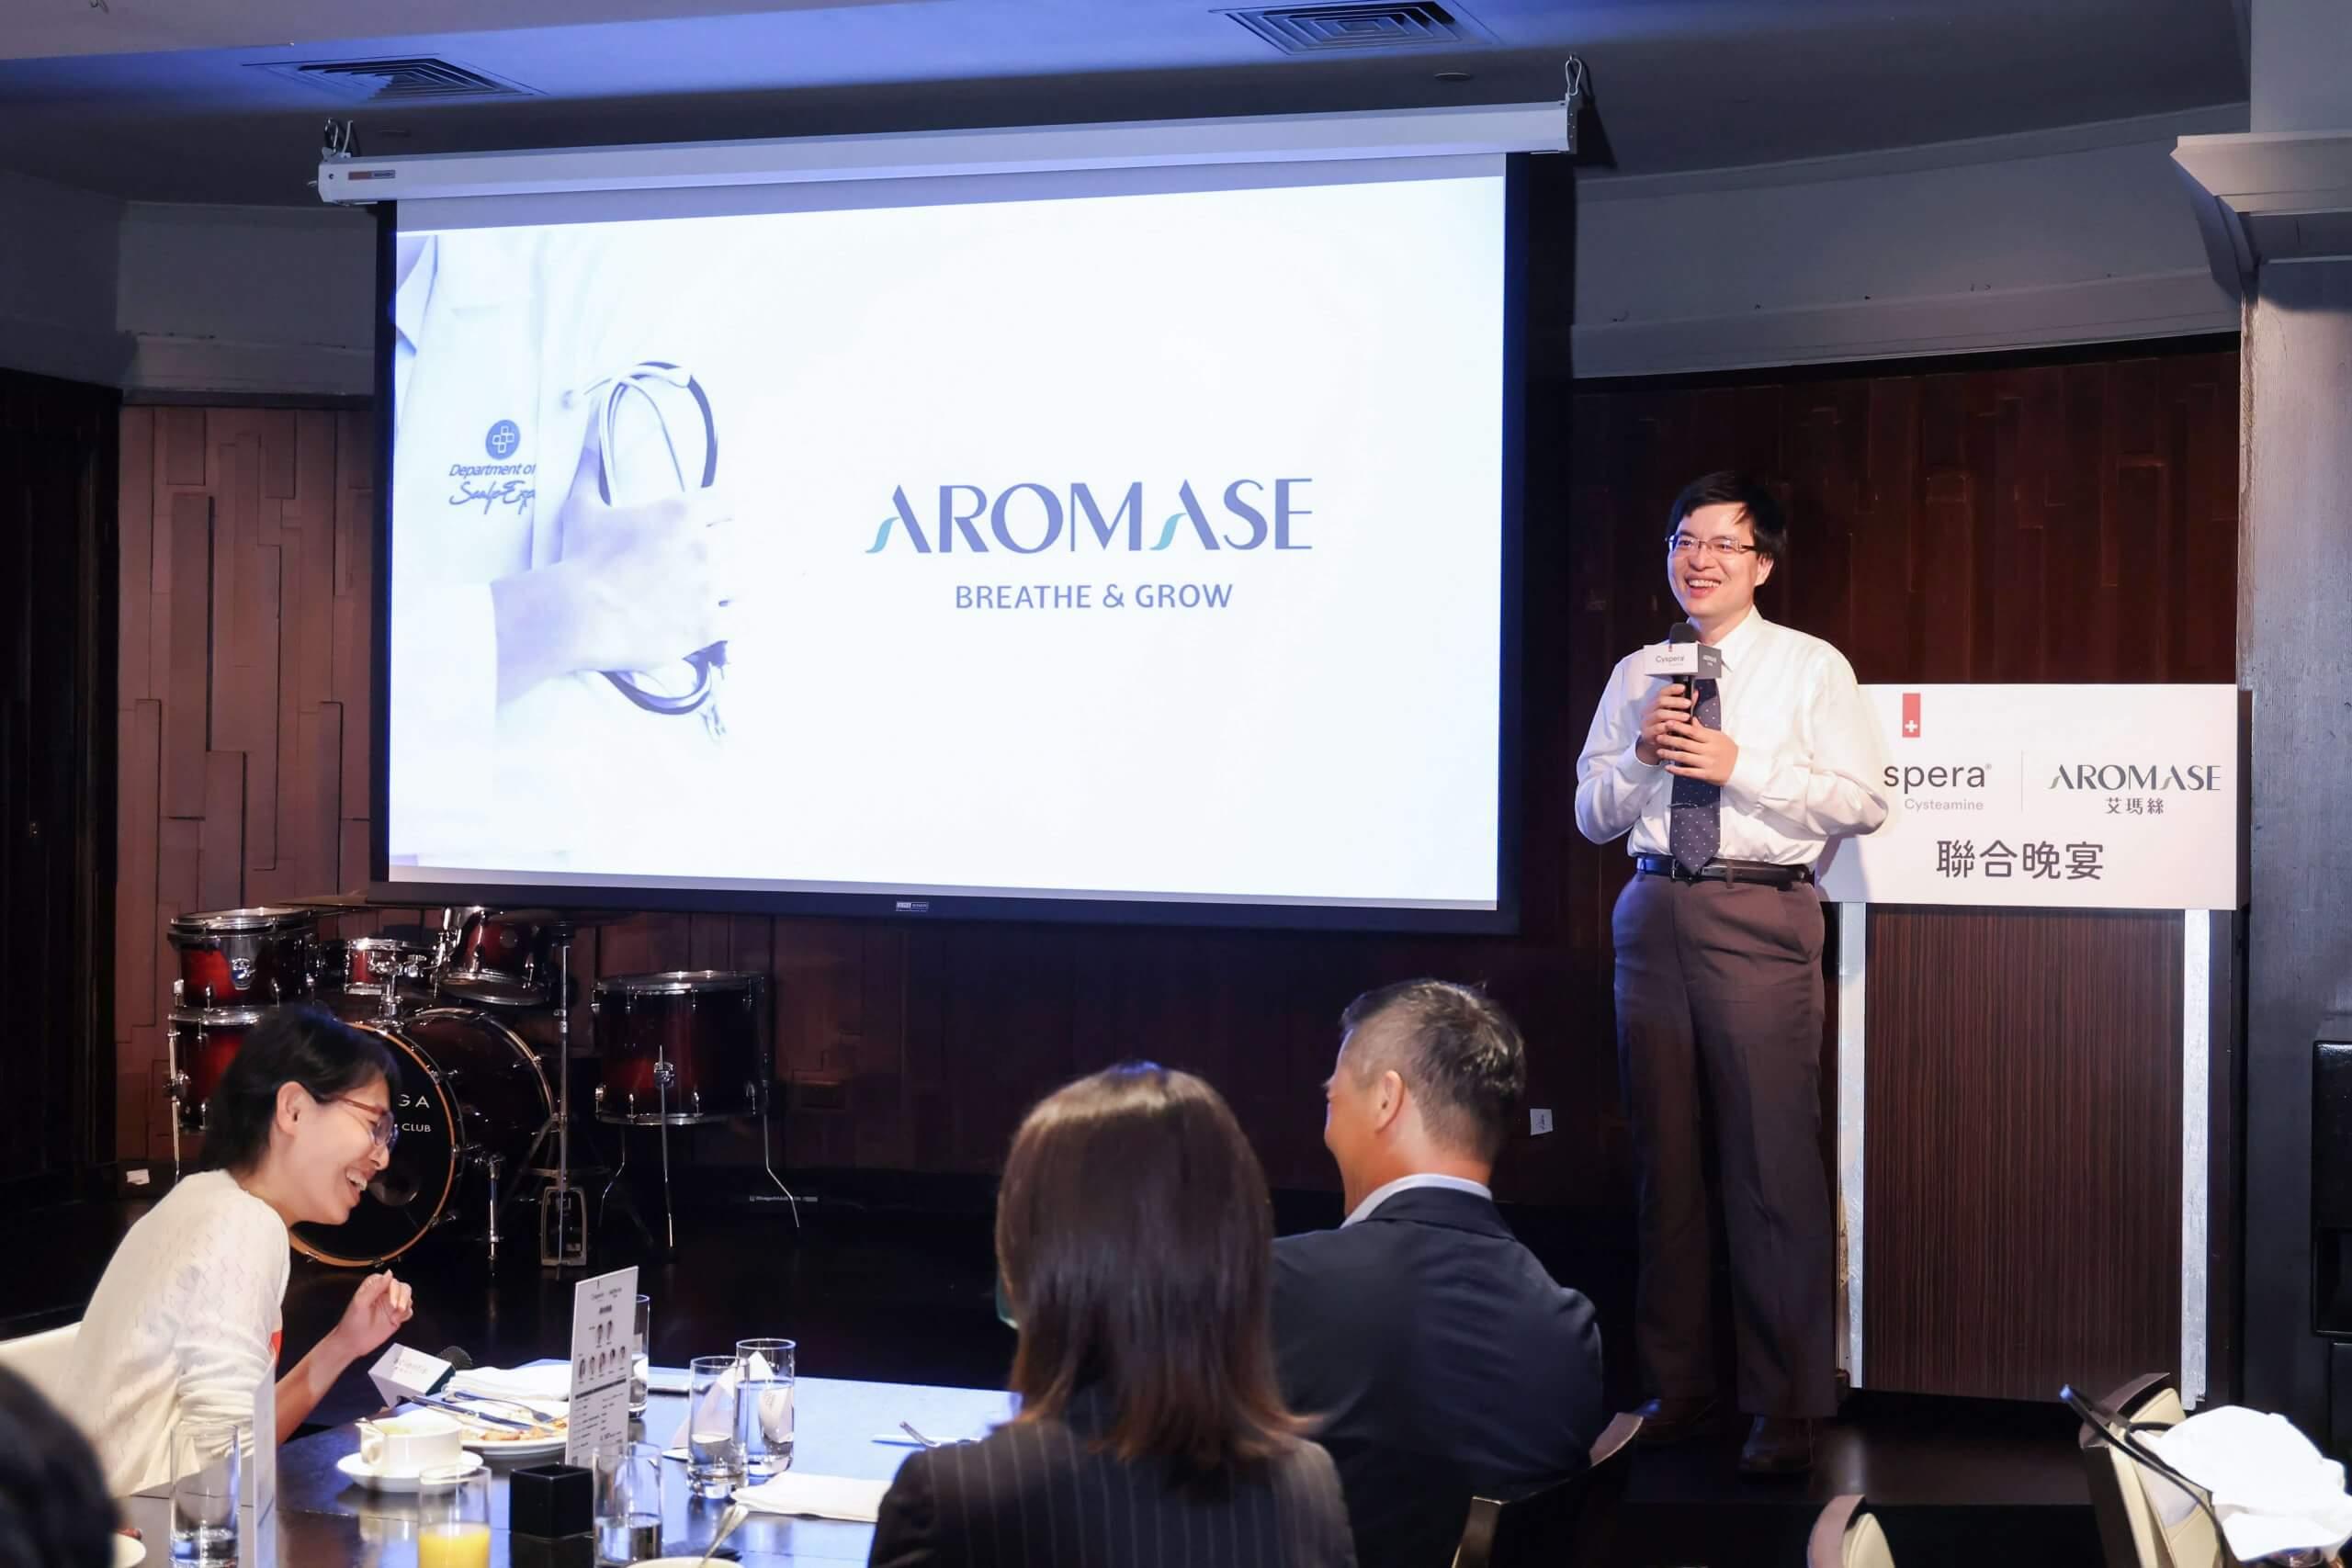 AROMASE-dermatologists-AMWC-Moderator Dr. Chou Pin Chi